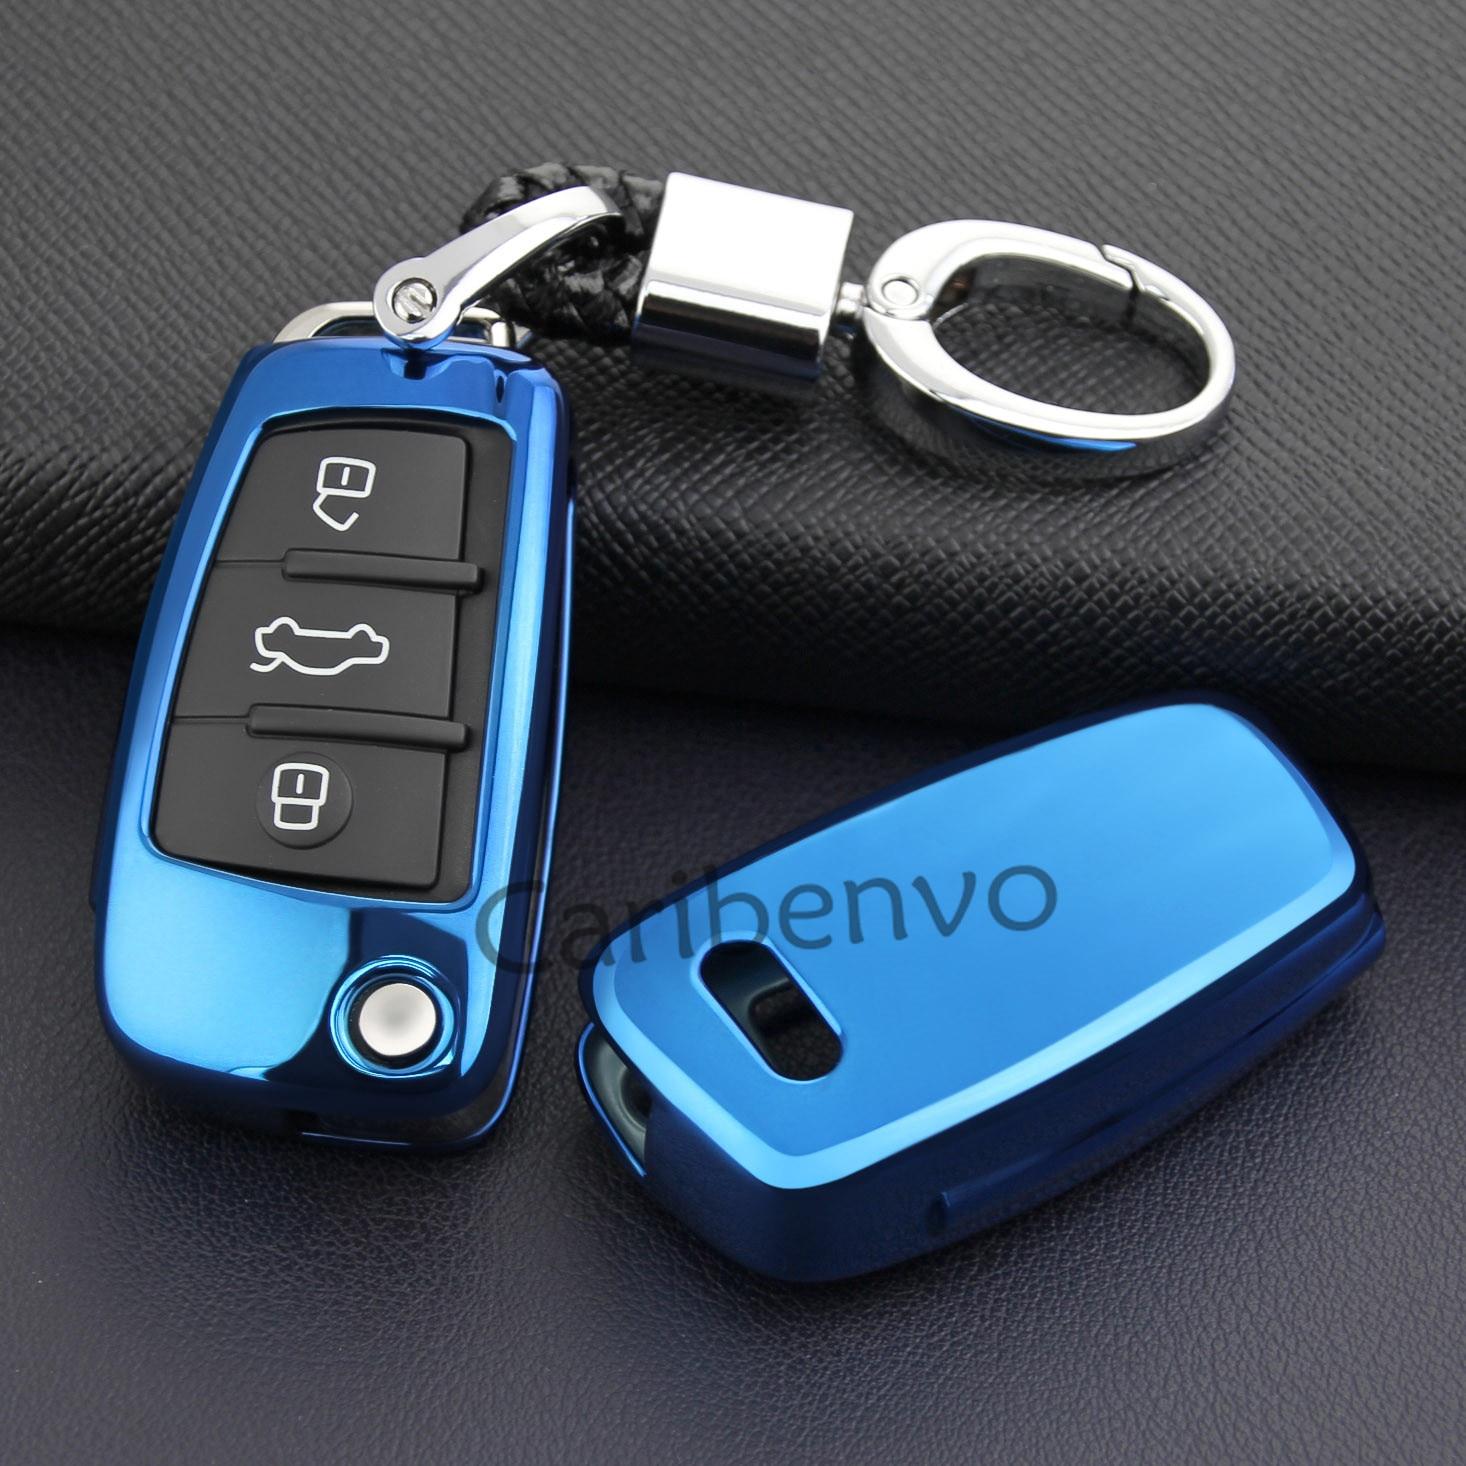 Aurora Blau Gute Qualität Durable Auto Schlüssel Fall Halter Abdeckung Für Audi Flip Schlüssel A1 A3 S3 Q3 Q7 TT zubehör